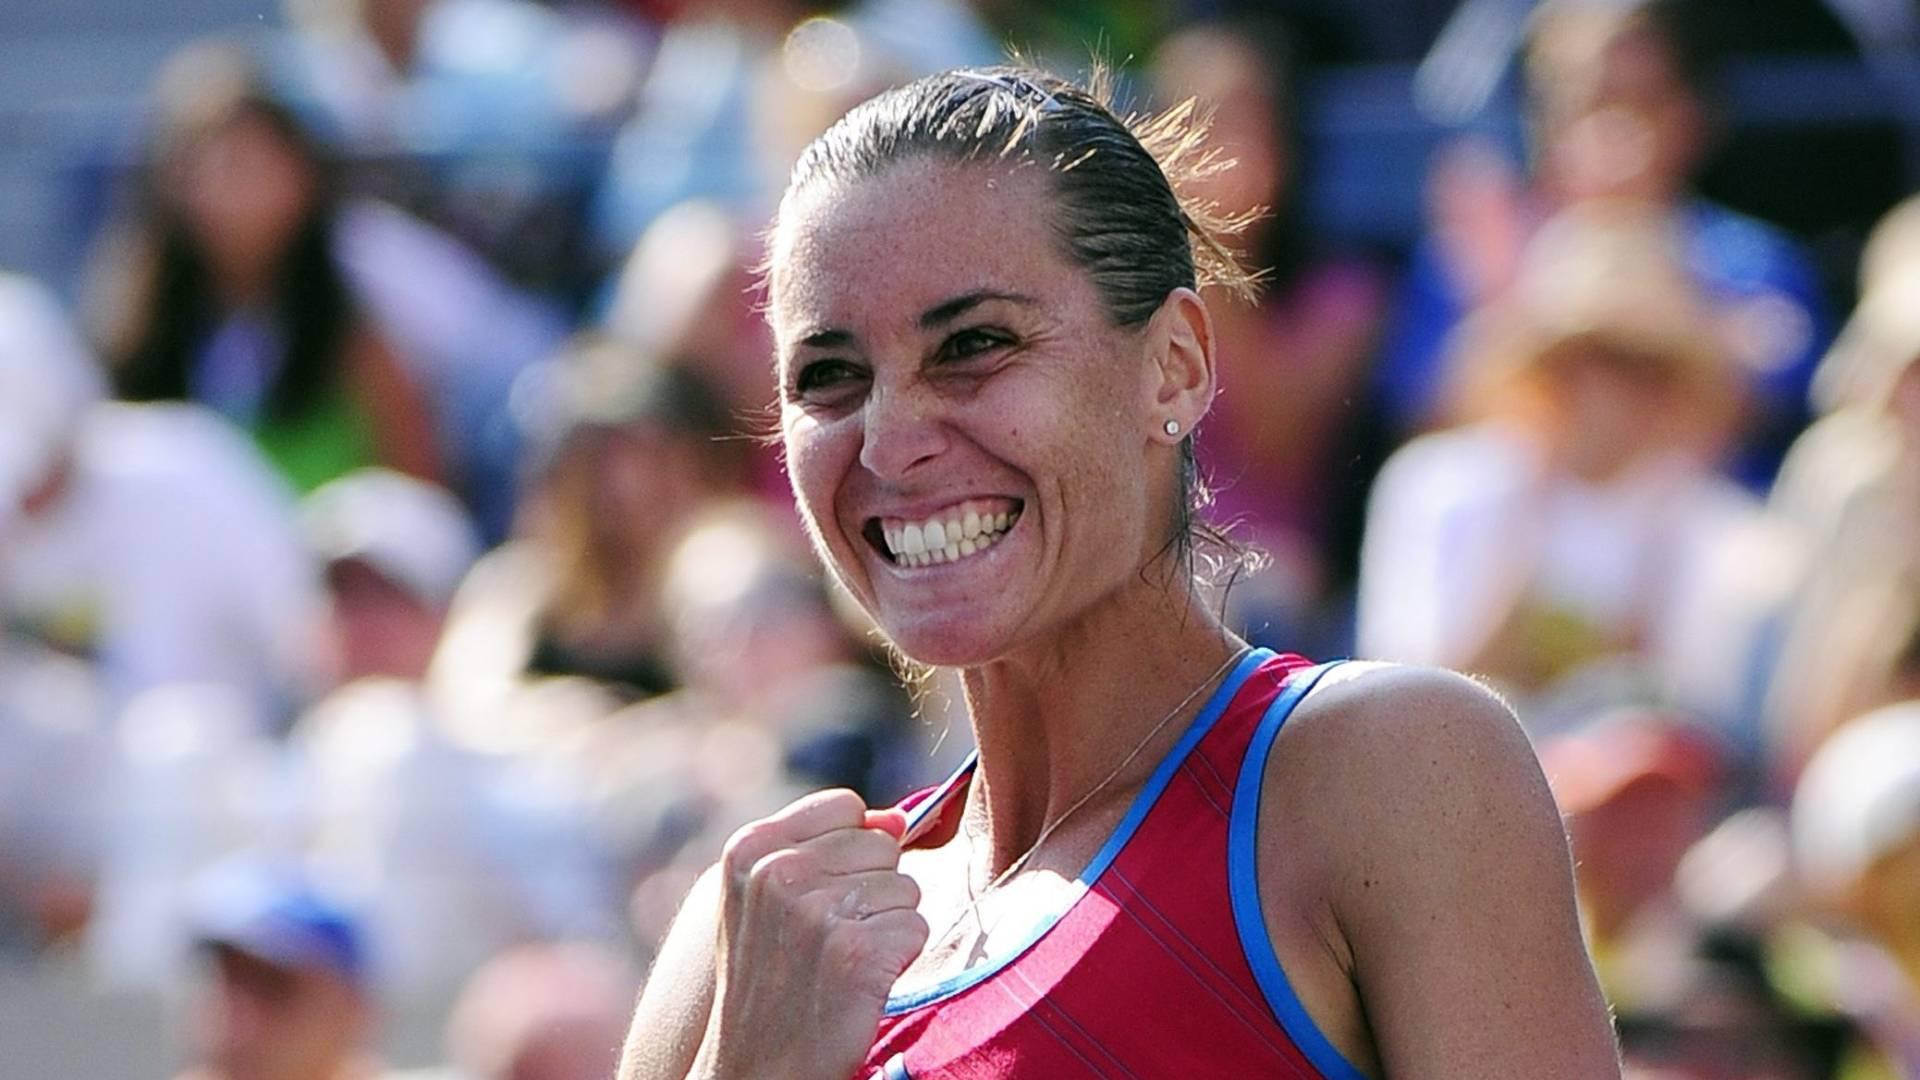 A tenista italiana Flavia Pennetta festeja a vitória sobre a russa Maria Sharapova em jogo válido pela terceira rodada do US Open